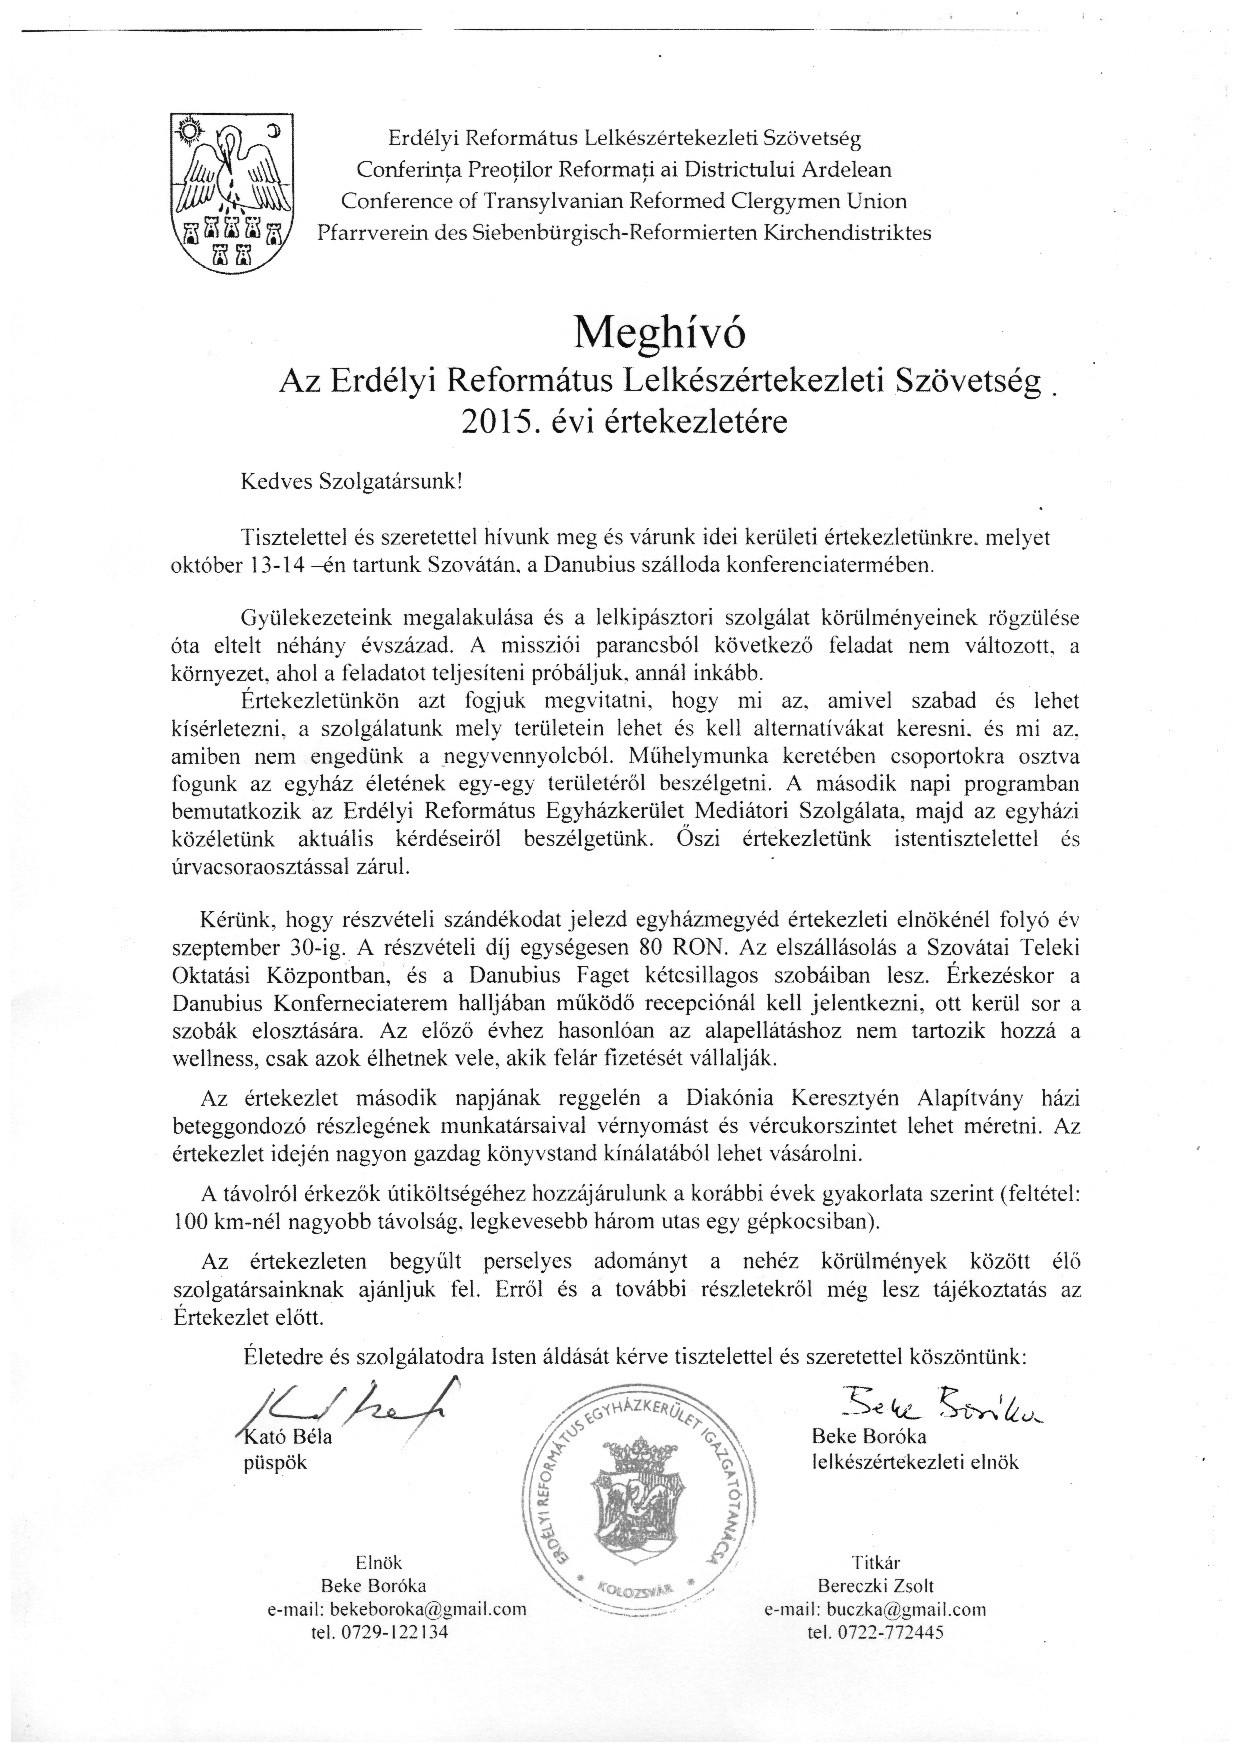 Meghívó az Erdélyi Református Lelkészértekezleti Szövetség 2015. évi értekezletére